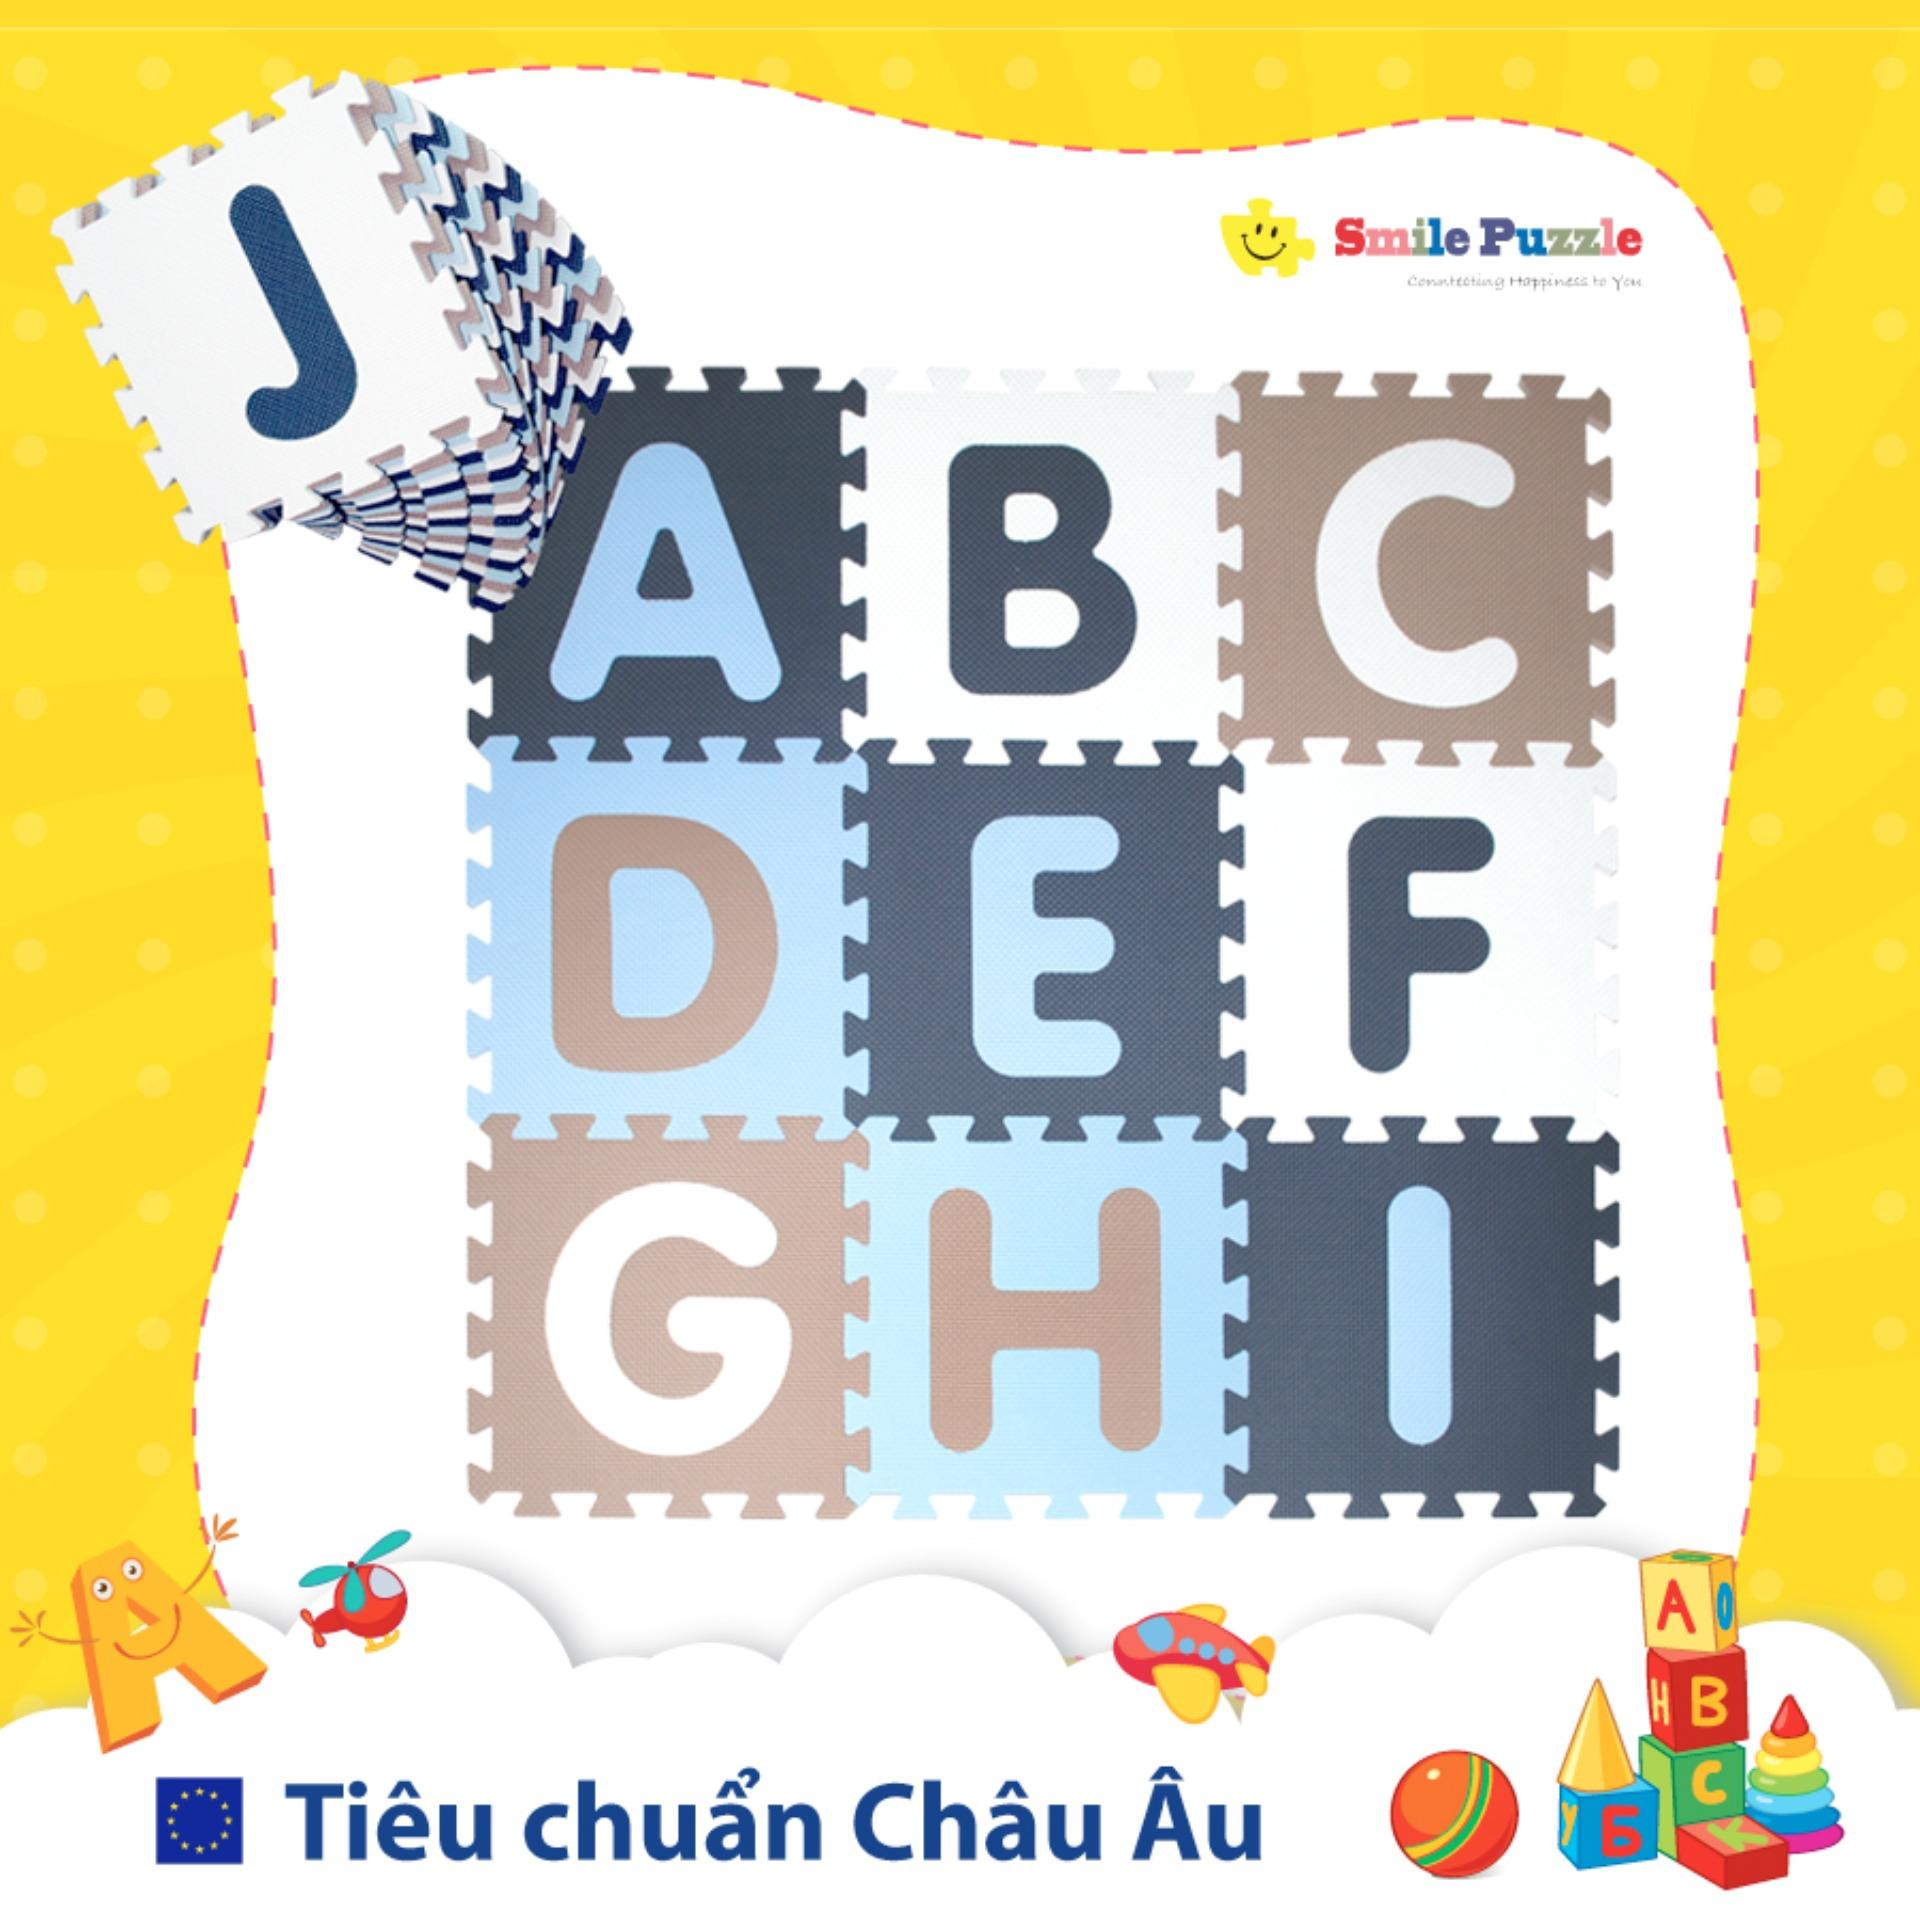 Thảm xốp cho bé - chữ cái Pastel (26 miếng, diện tích 2.4m2) Smile Puzzle Nhật Bản